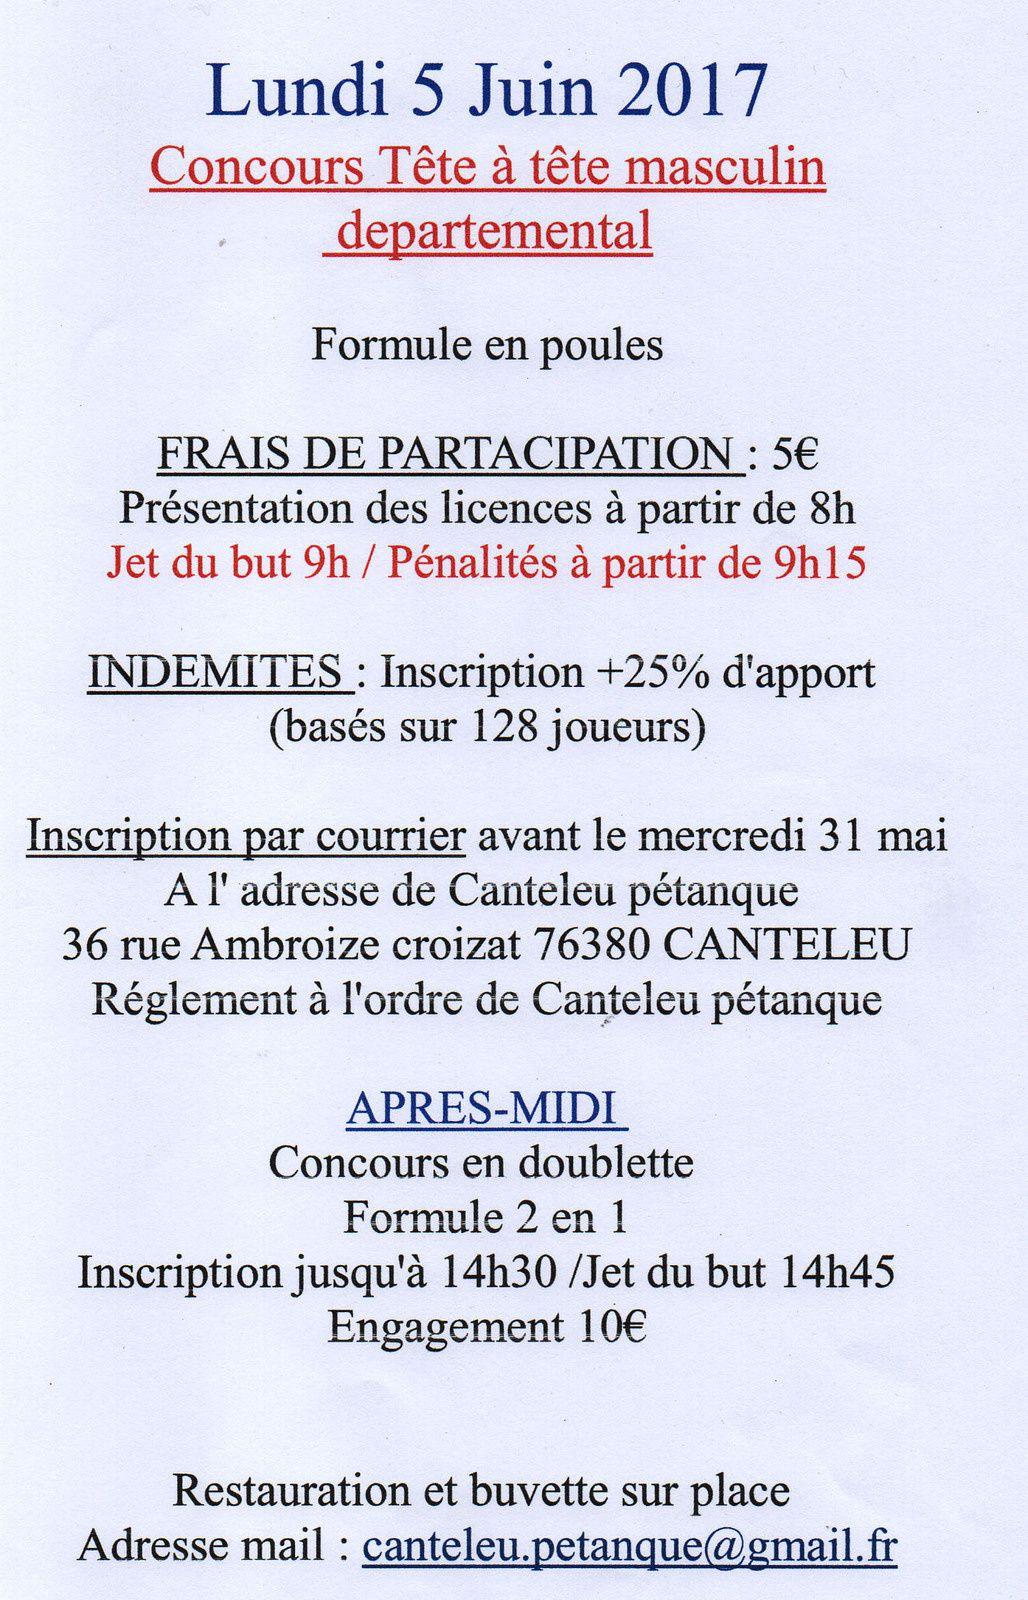 2017-06-05 Canteleu Départemental TàT masculin